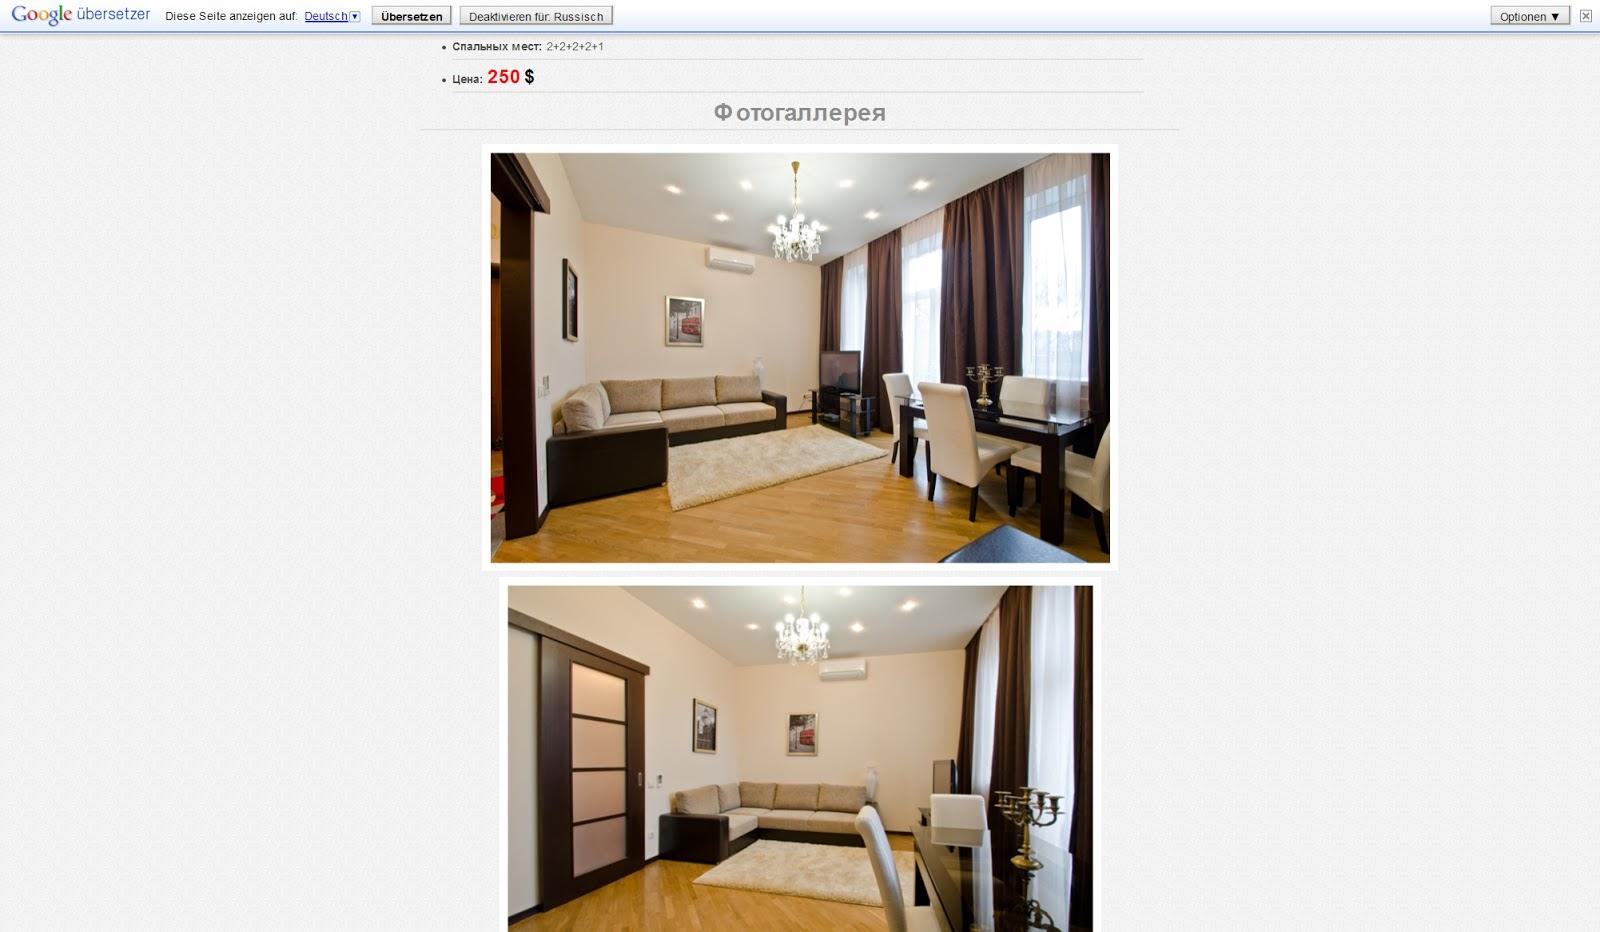 sch ne wohnung zu vermieten torstr 30 10119 berlin mitte gegen wohnungsbetrug against. Black Bedroom Furniture Sets. Home Design Ideas